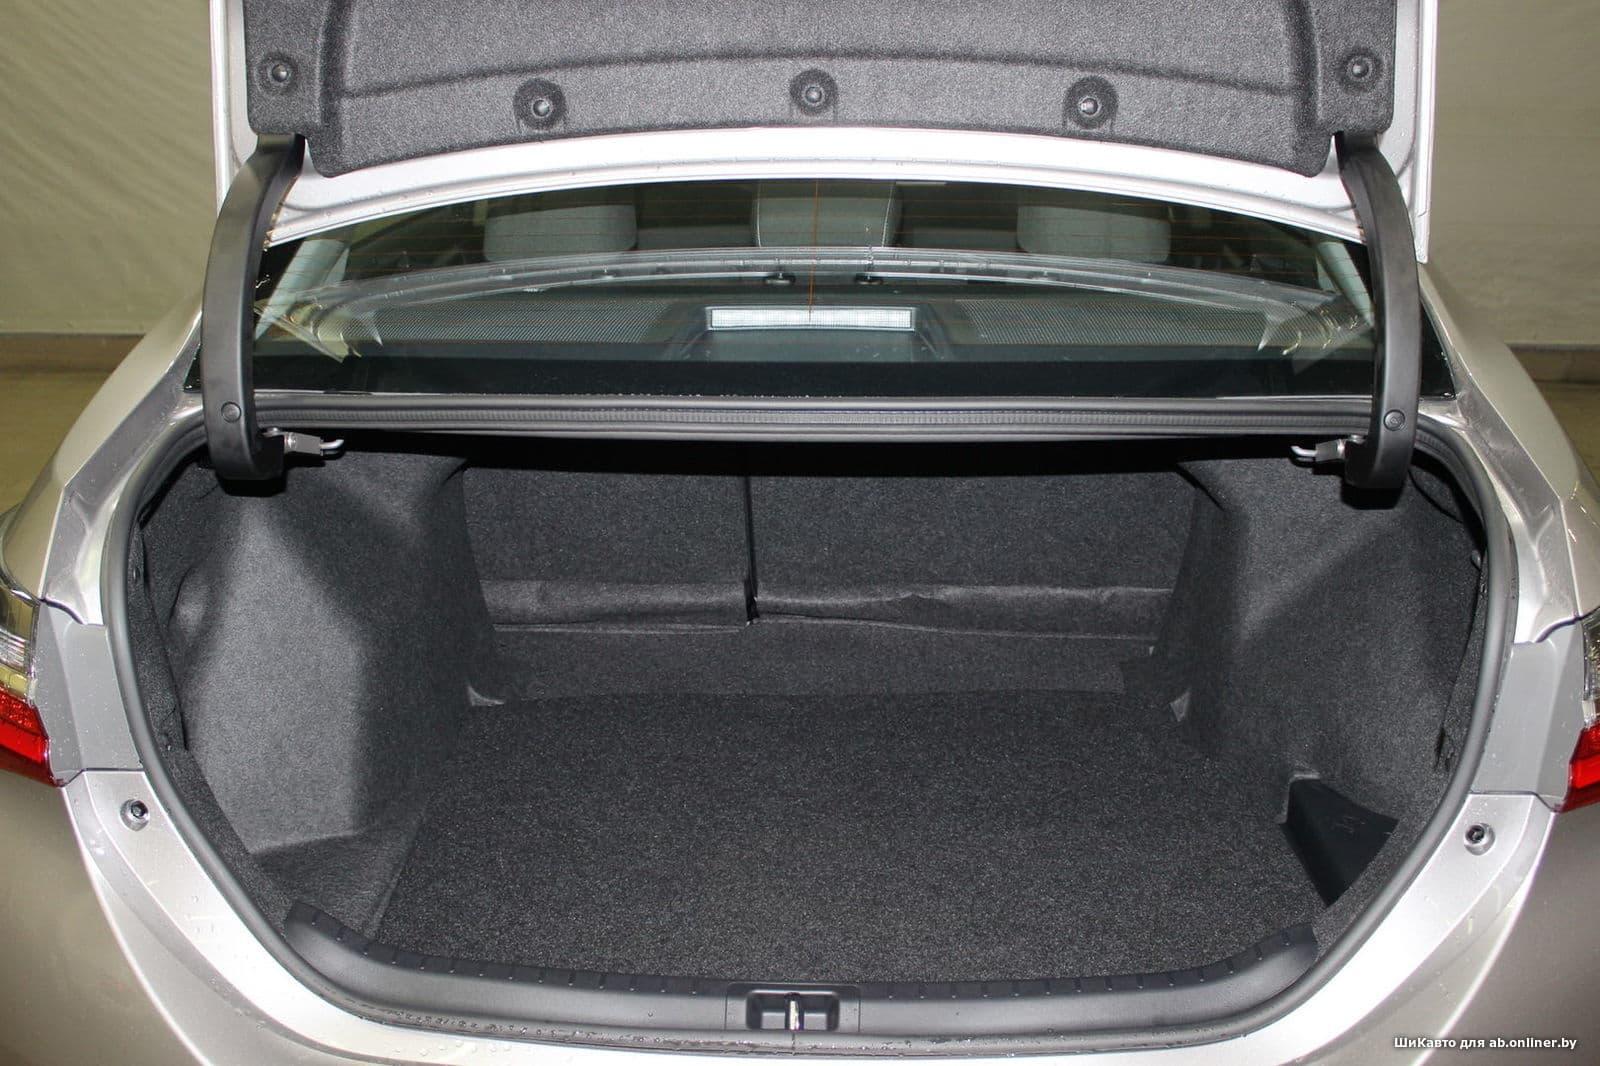 Toyota Corolla Стиль Плюс 1.6 MT